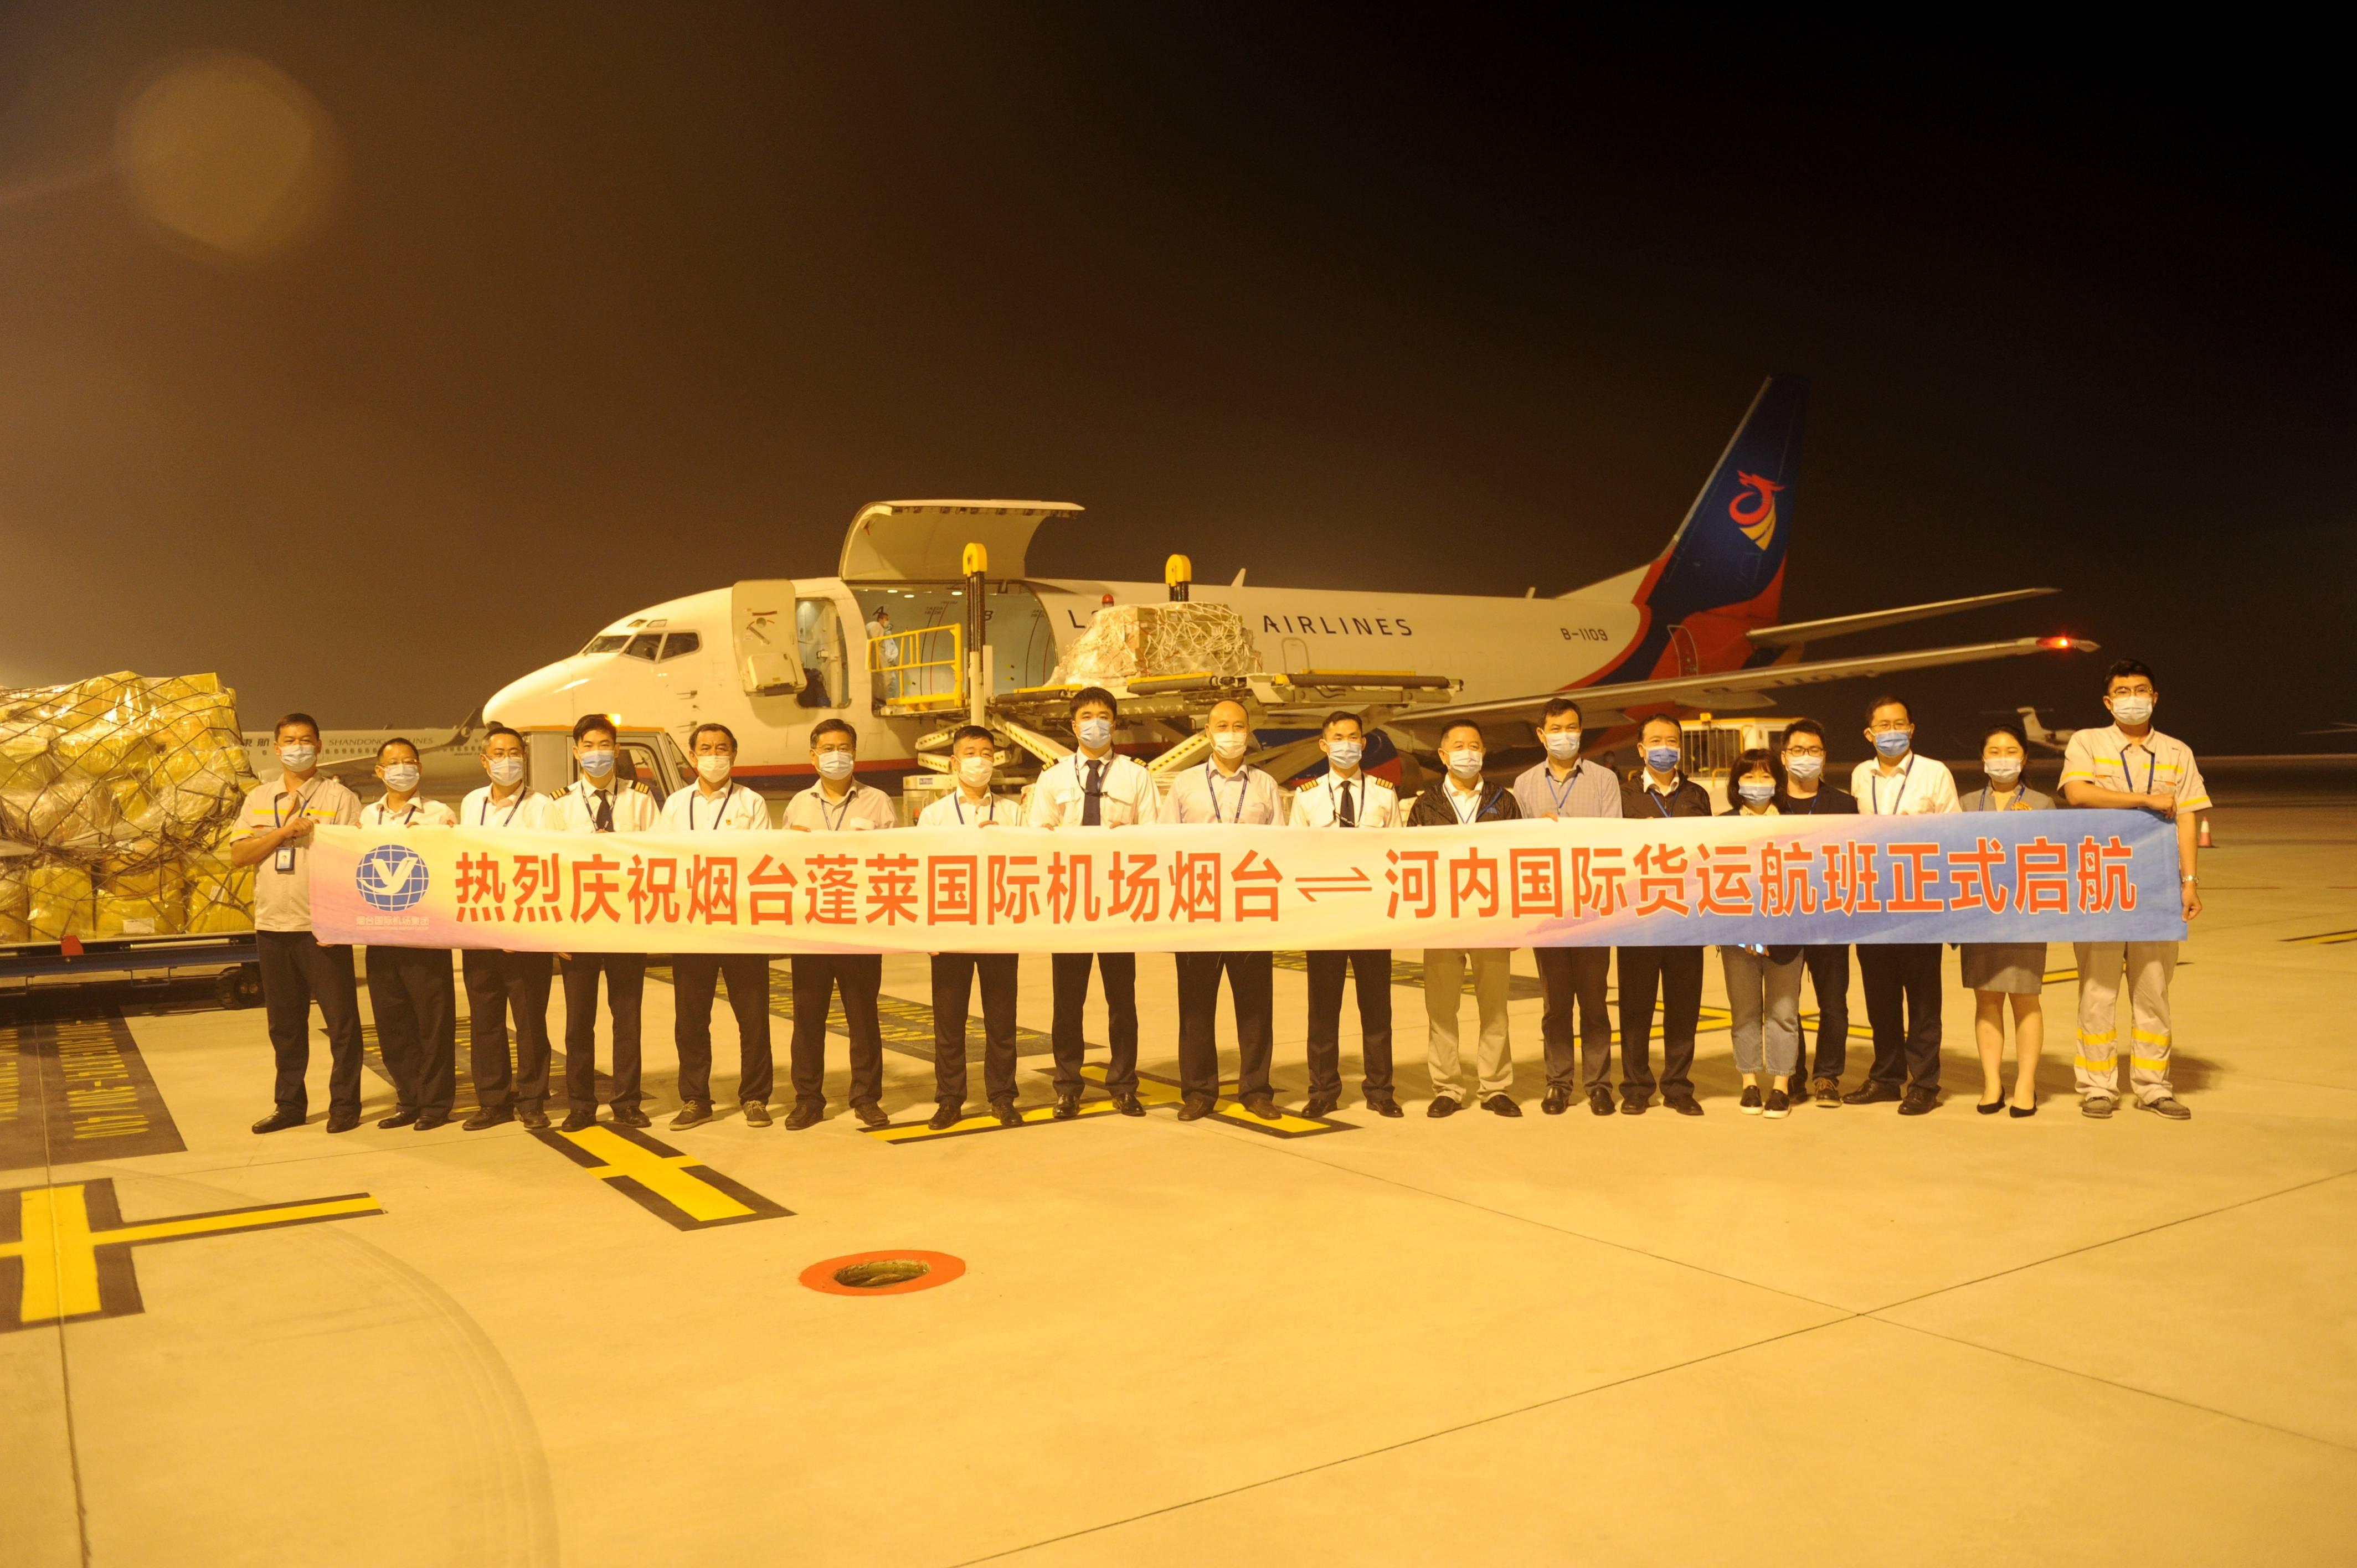 直飞河内!山东省内首条越南全货运航线开通 每周四班